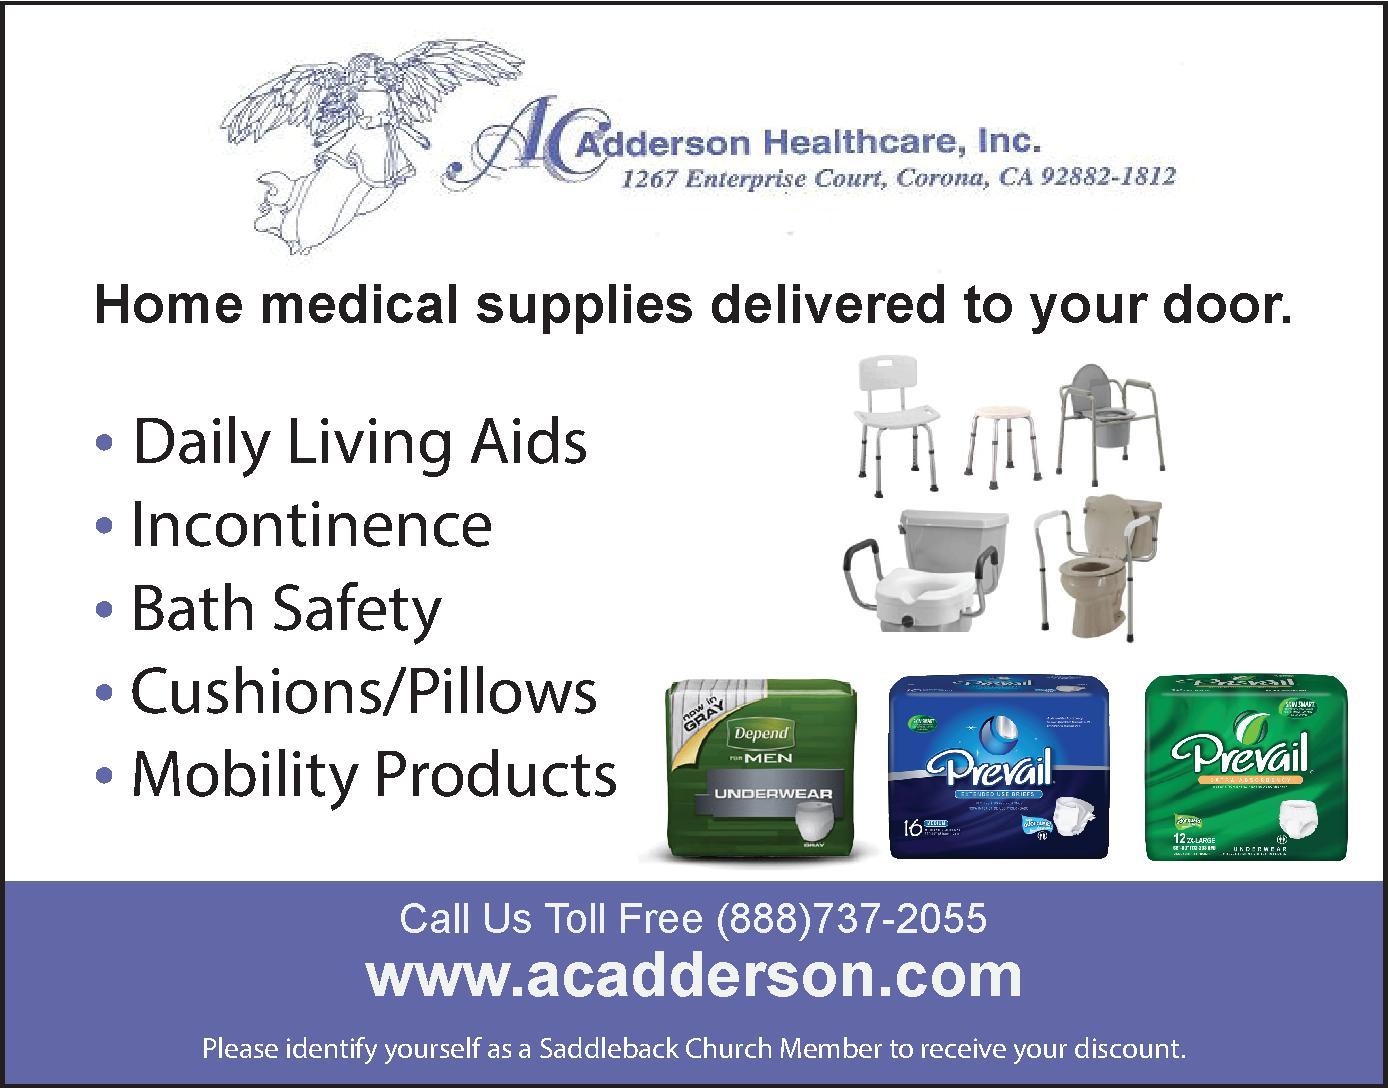 A.C. Adderson Healthcare, Inc.